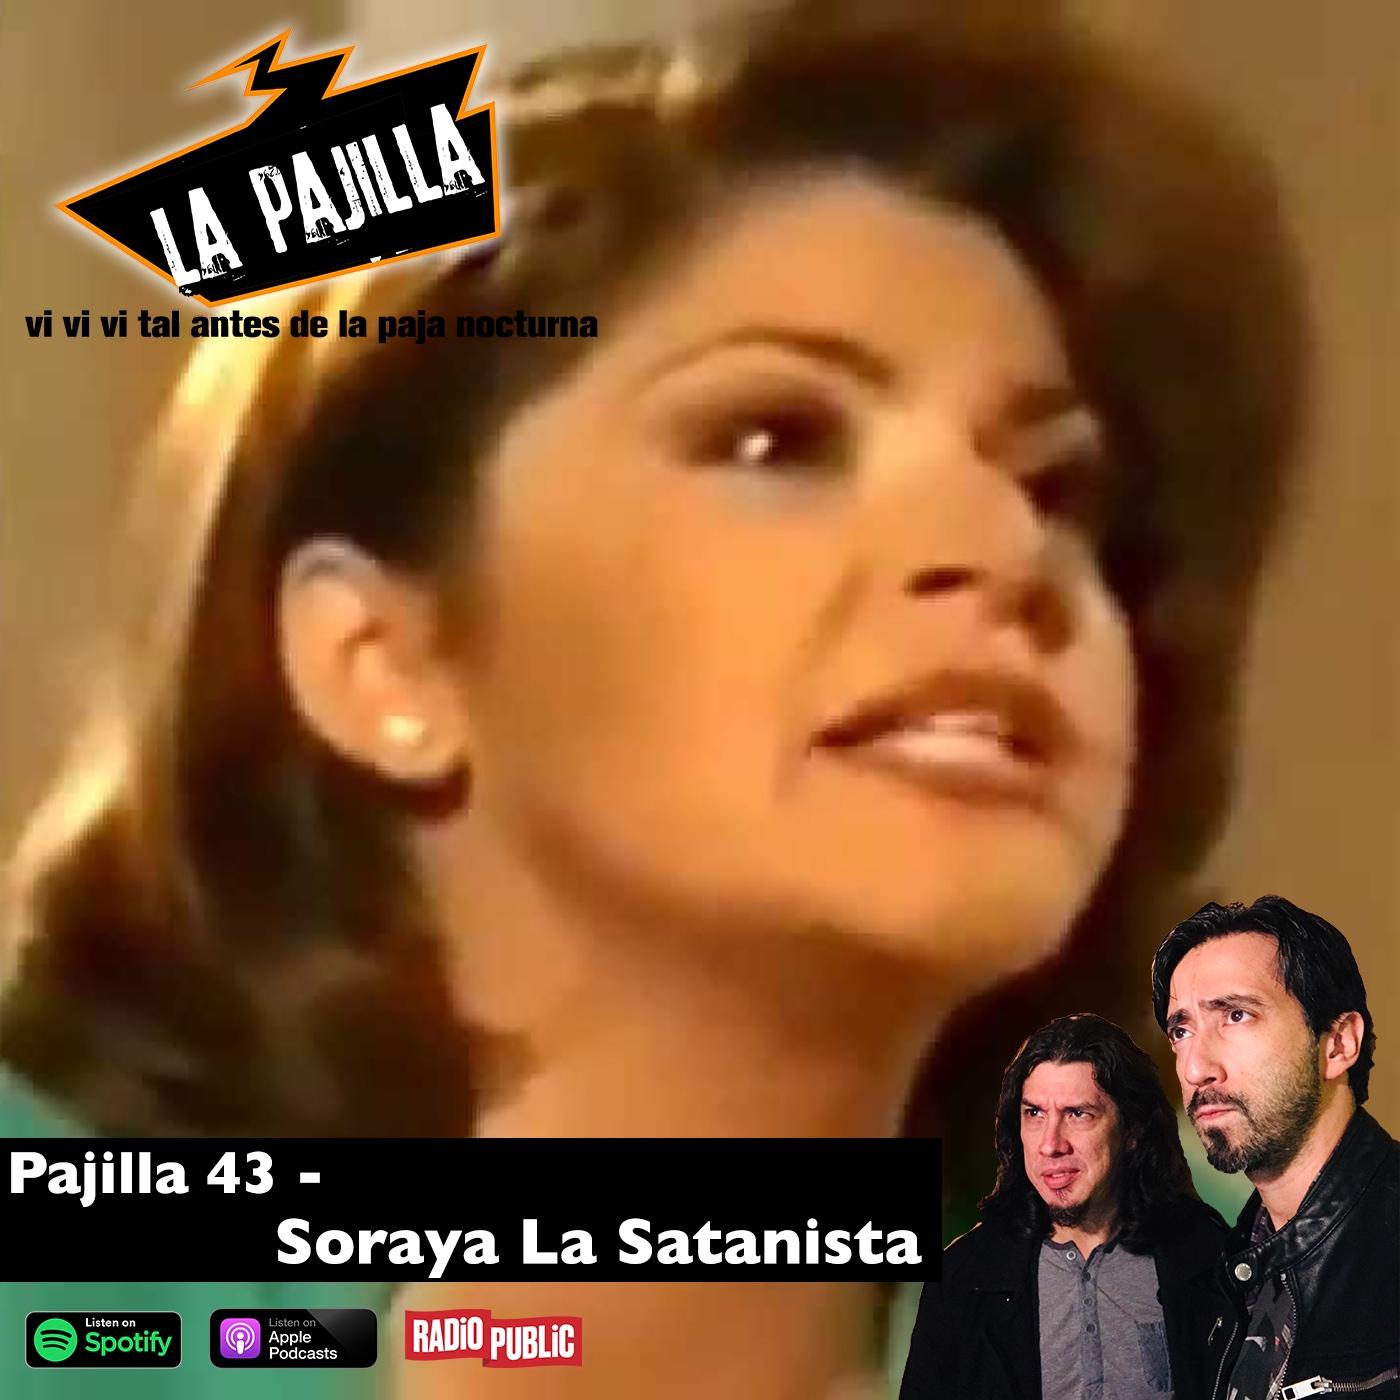 La Paja Nocturna Podcast CR Pajilla 43